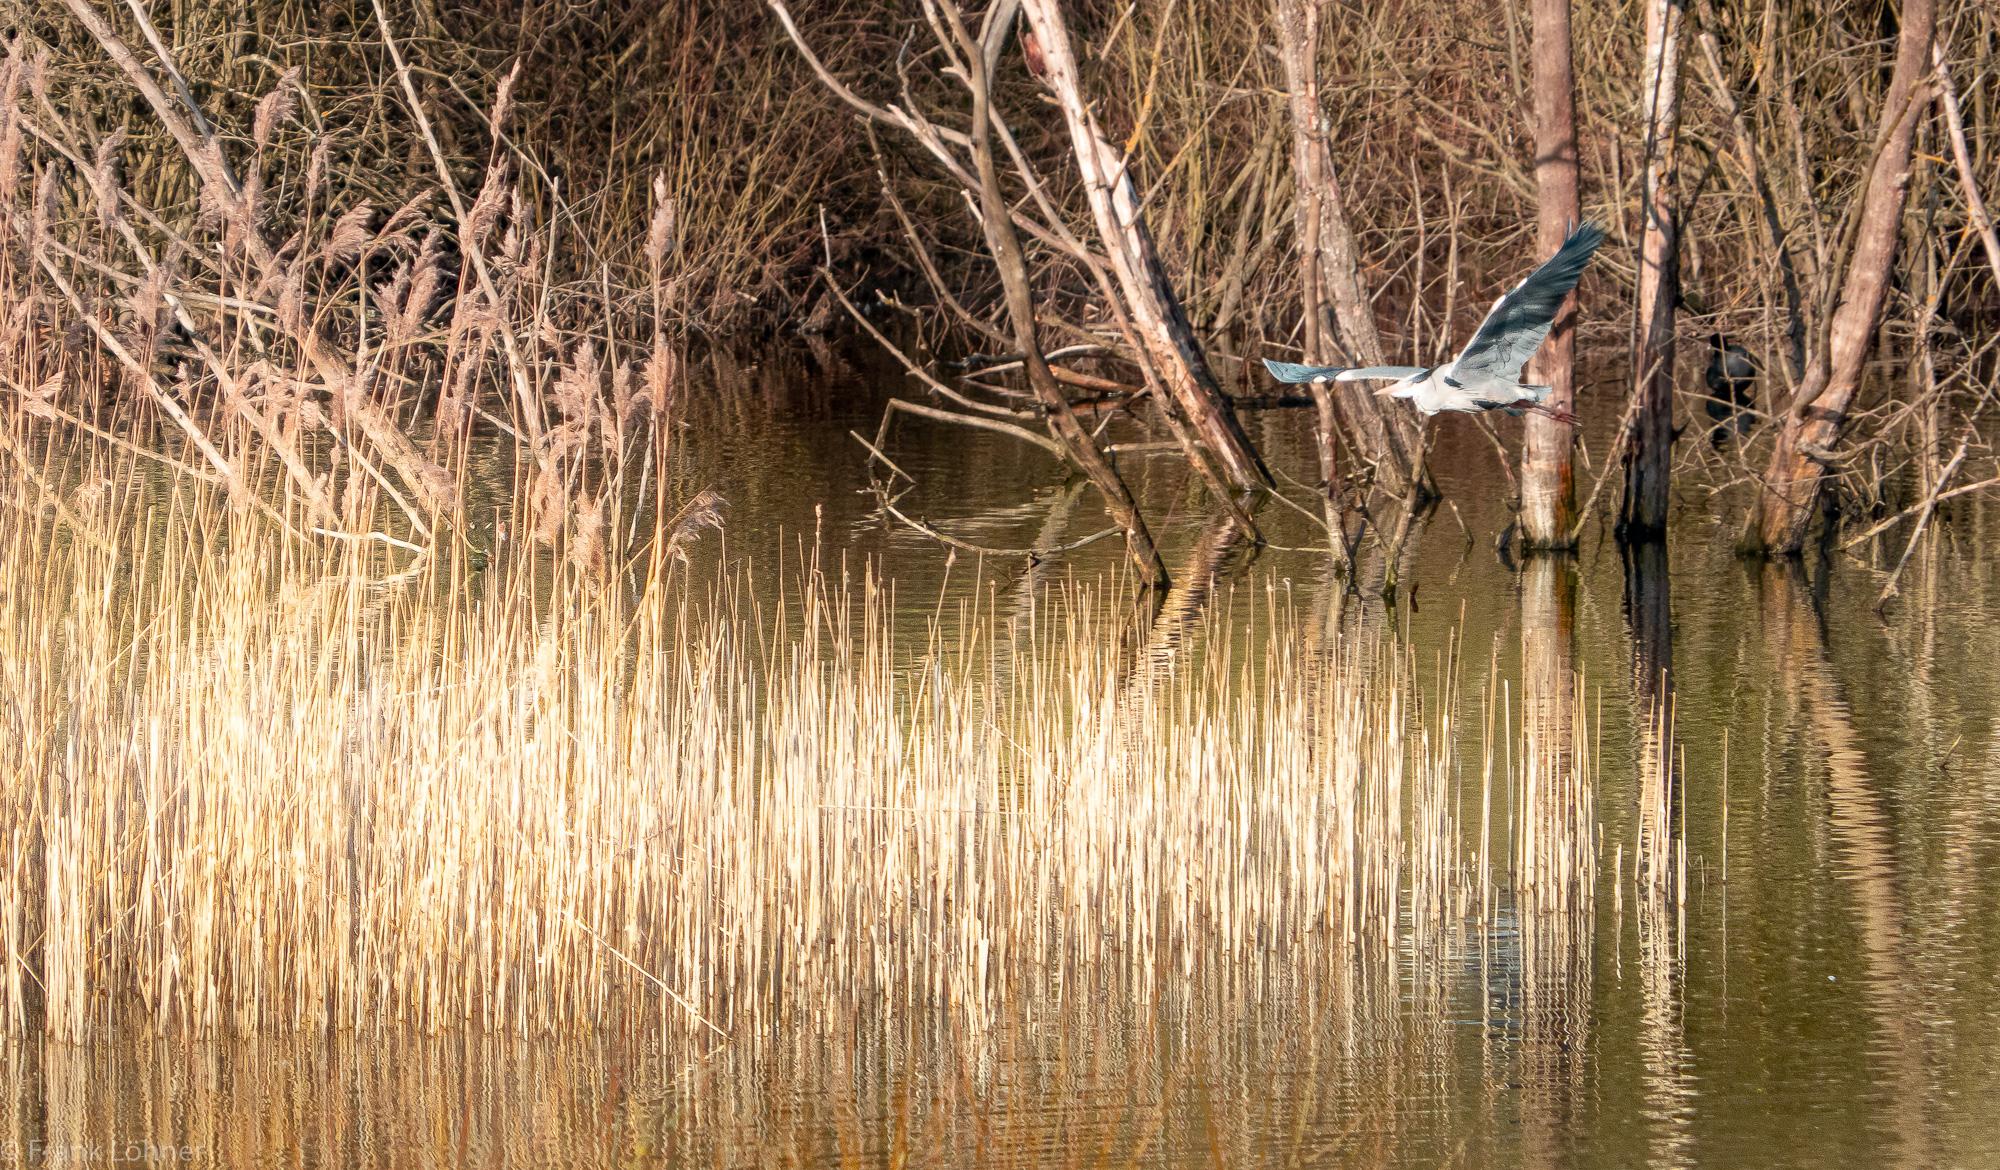 Floating-Heron